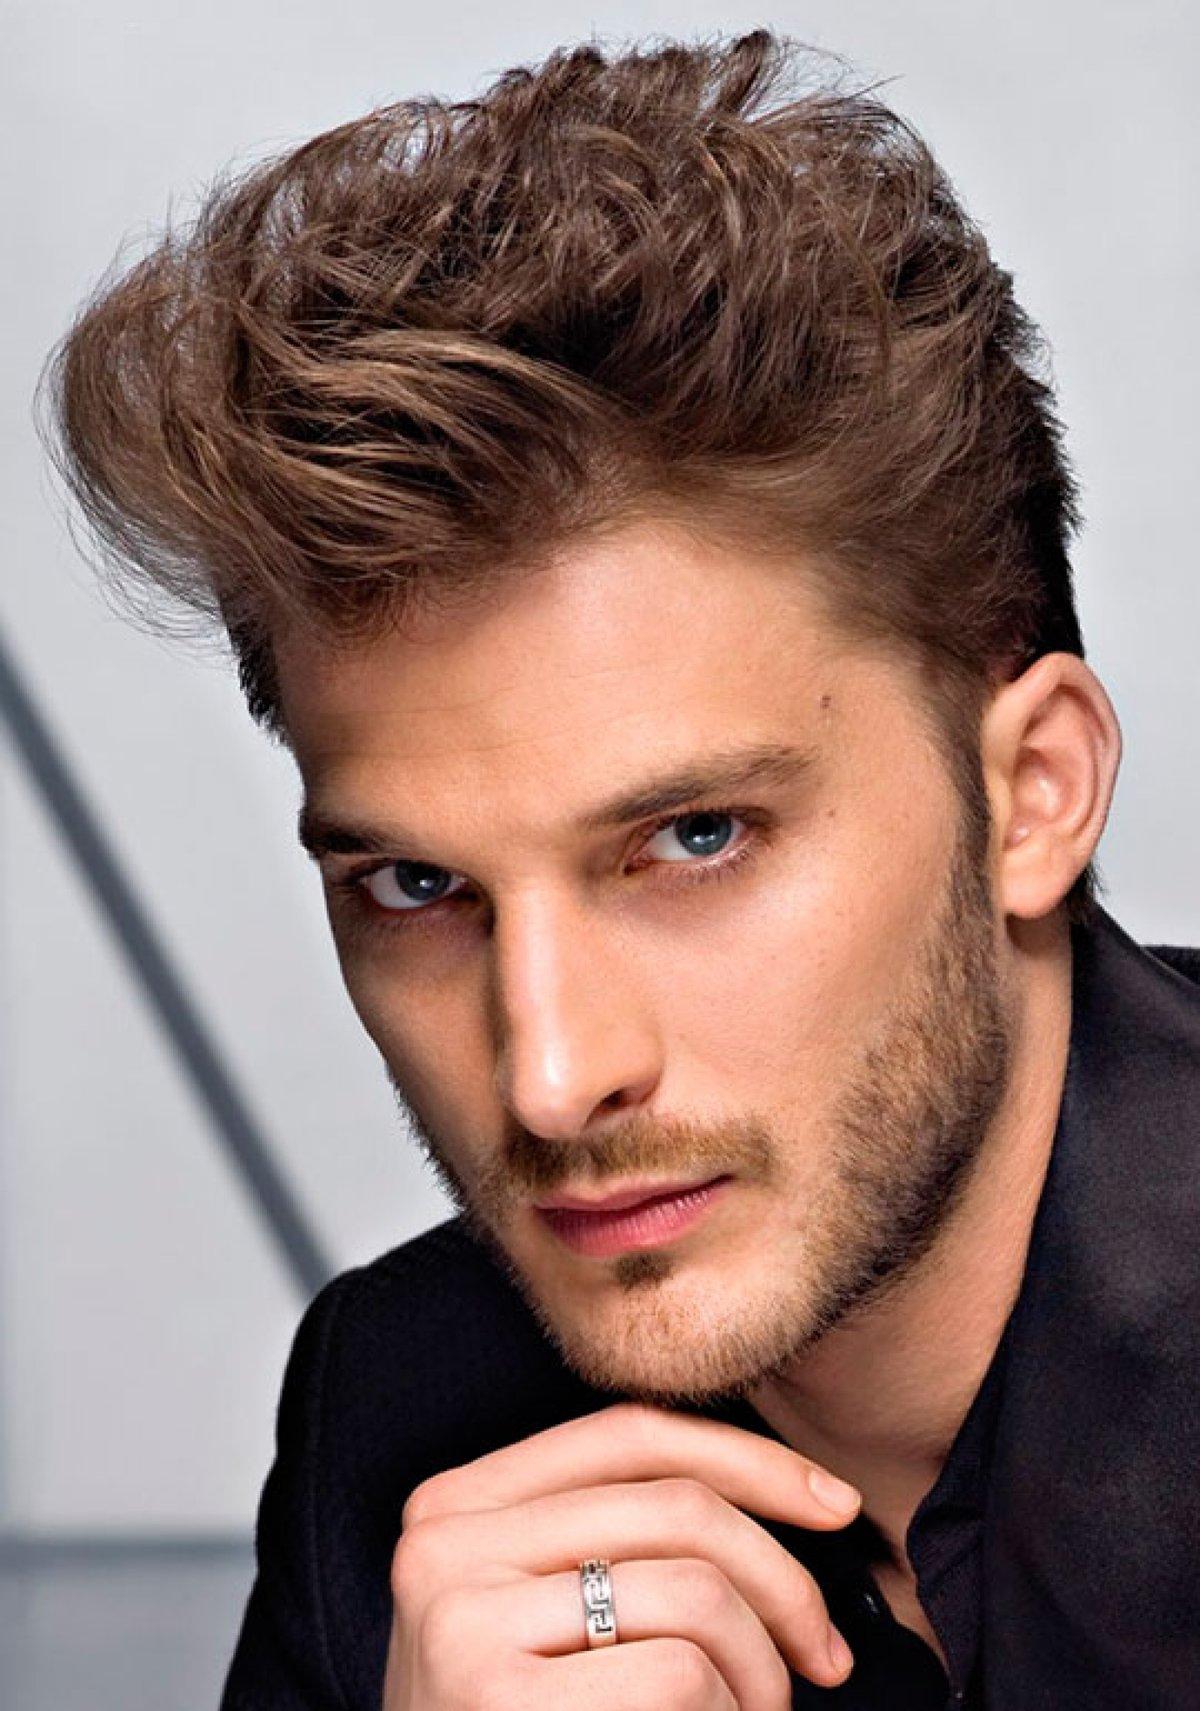 Мужские причёски с зачёсом назад фото